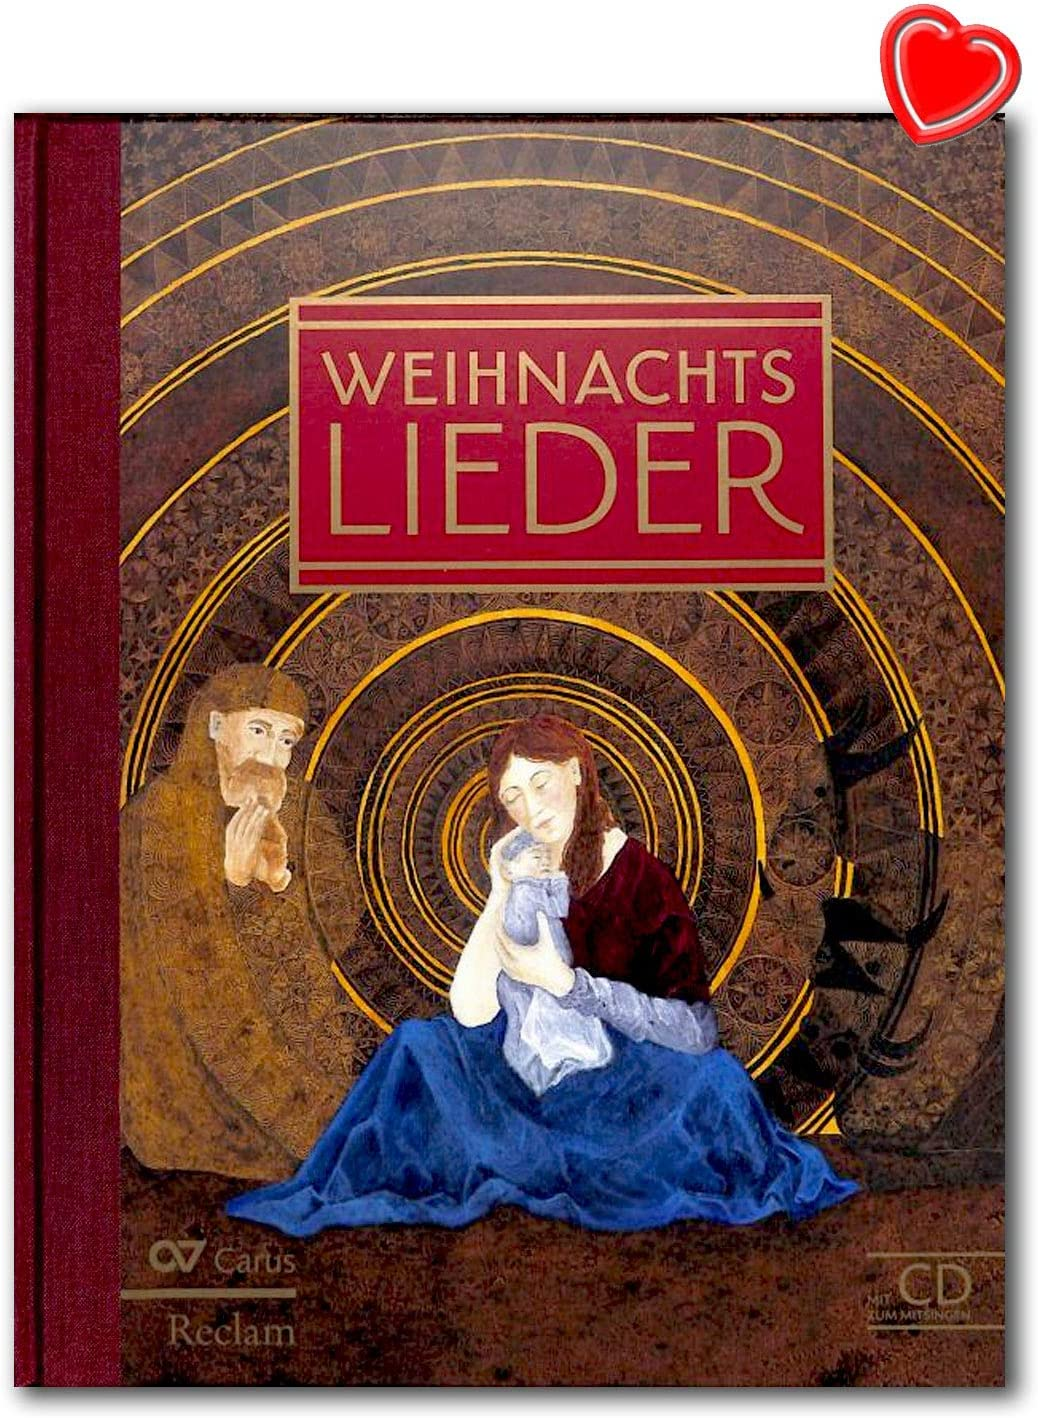 Canciones de Navidad, las canciones más bonitas de Navidad alemanas con CD para cantar, libro de canciones con CD y colorido clip en forma de corazón